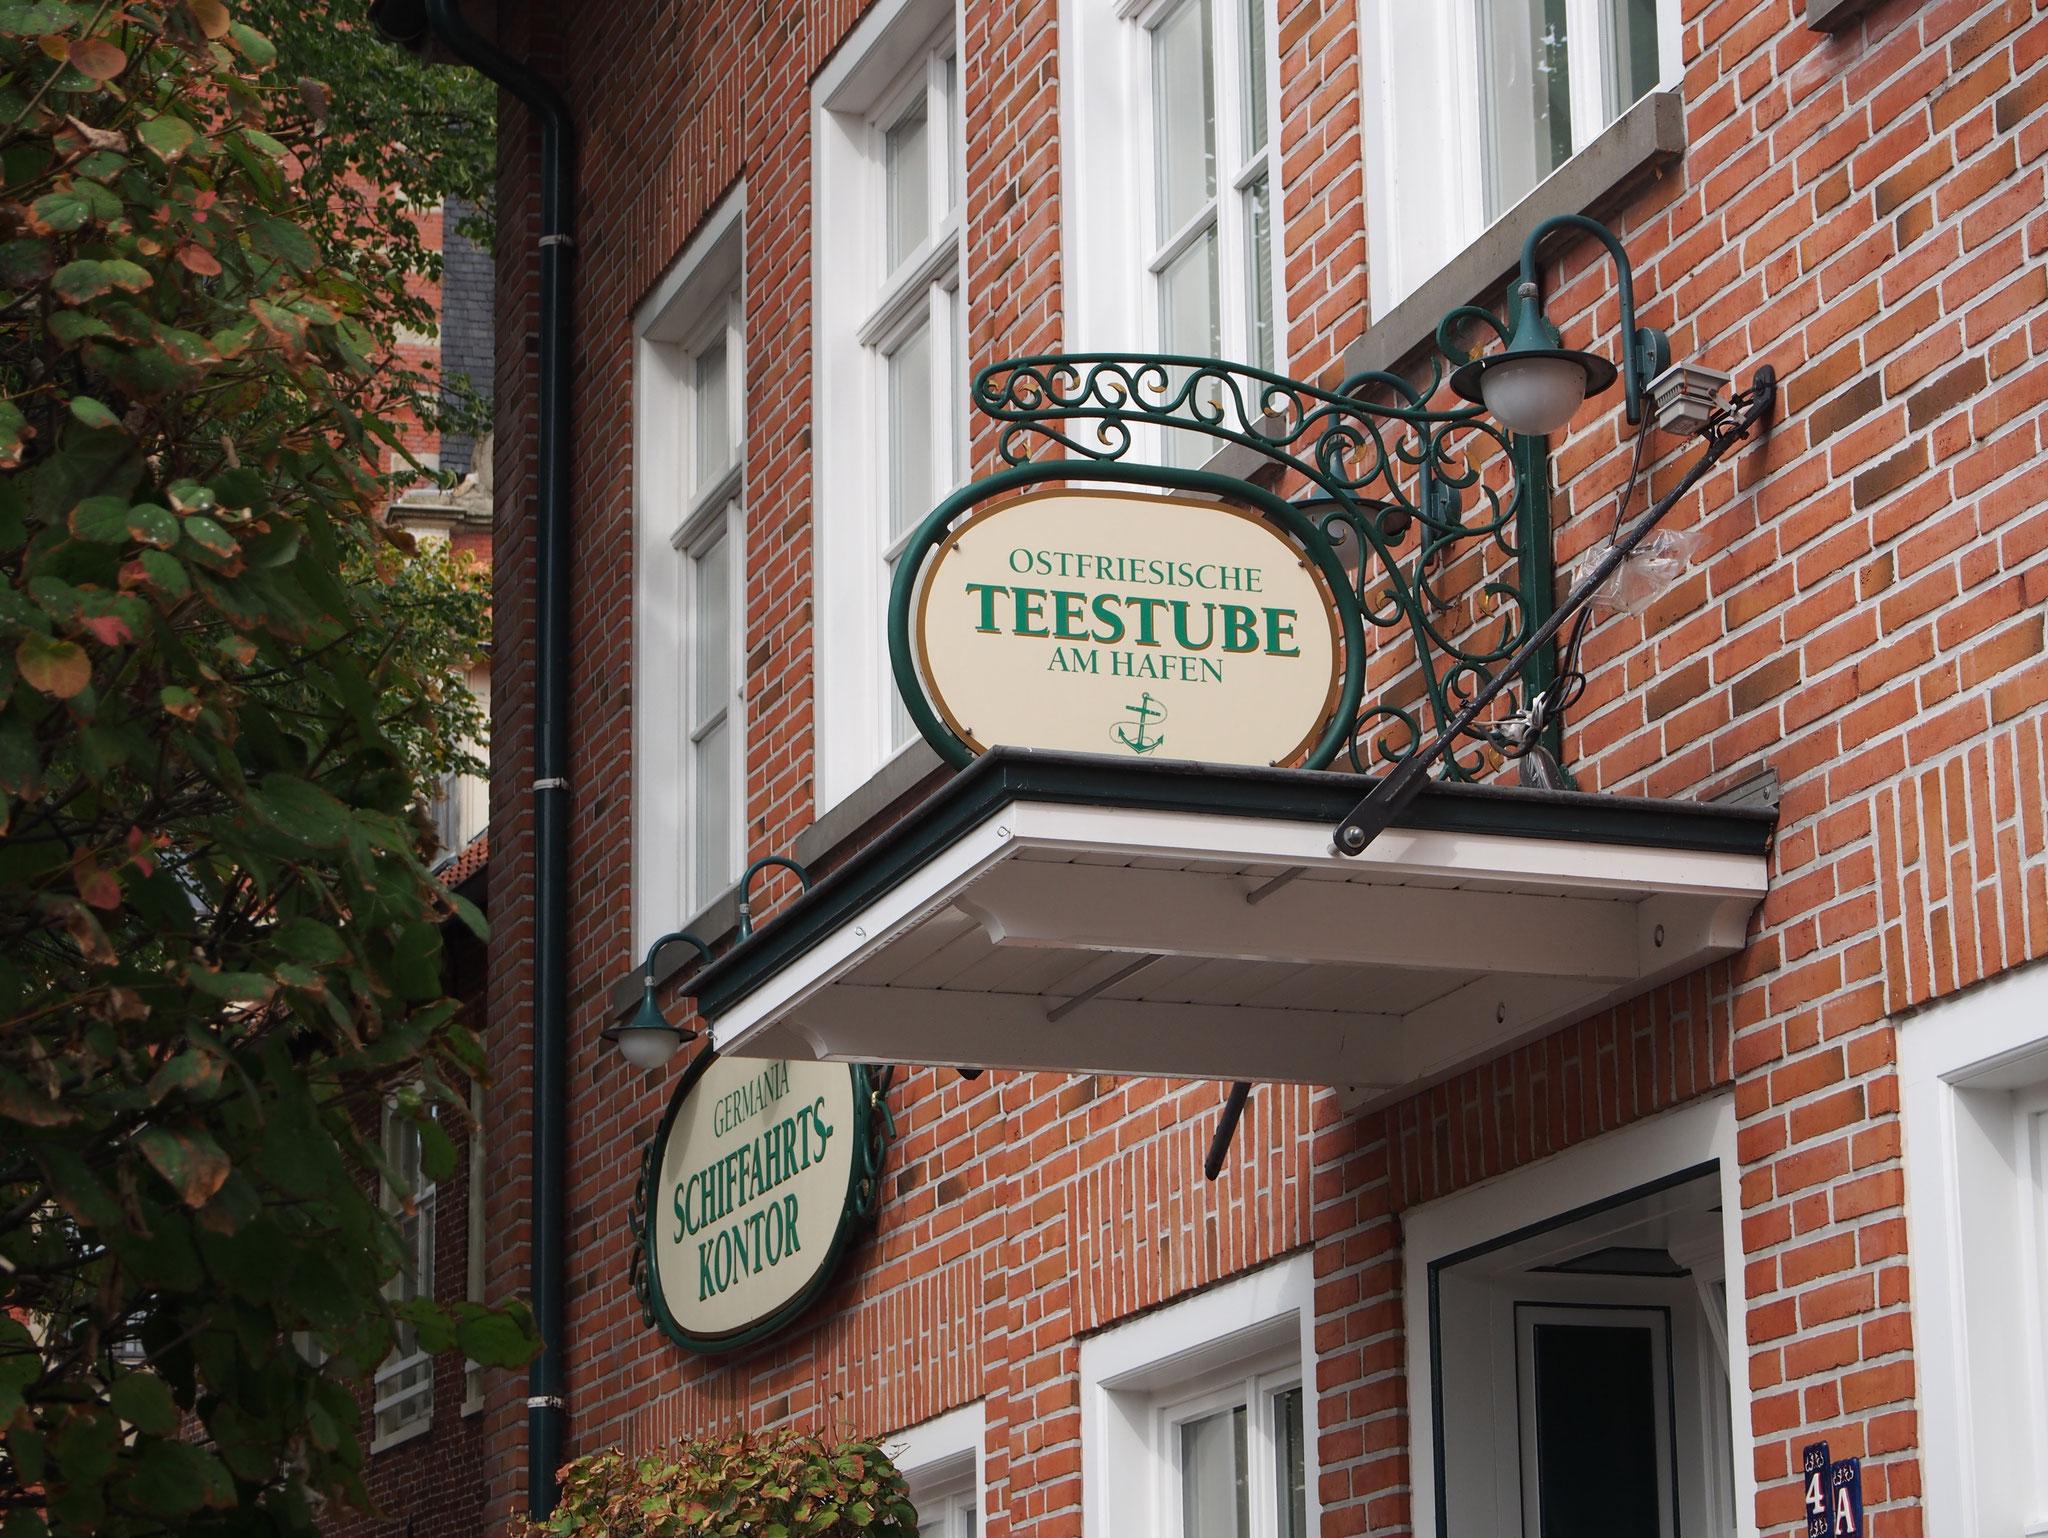 Teestube in Leer/Ostfriesland